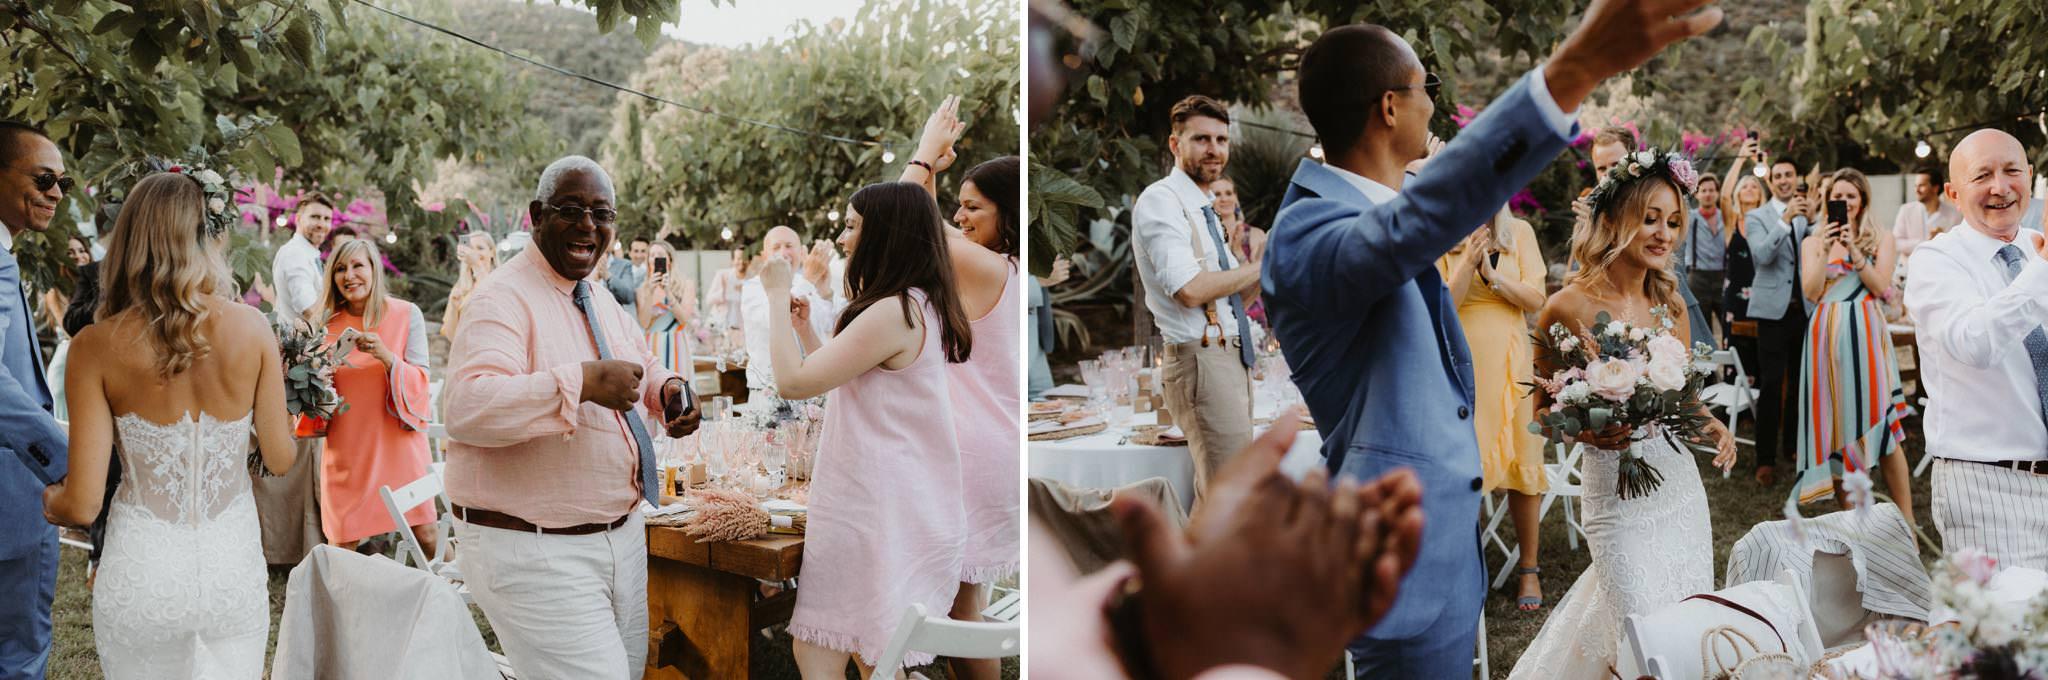 los angeles wedding 217 1